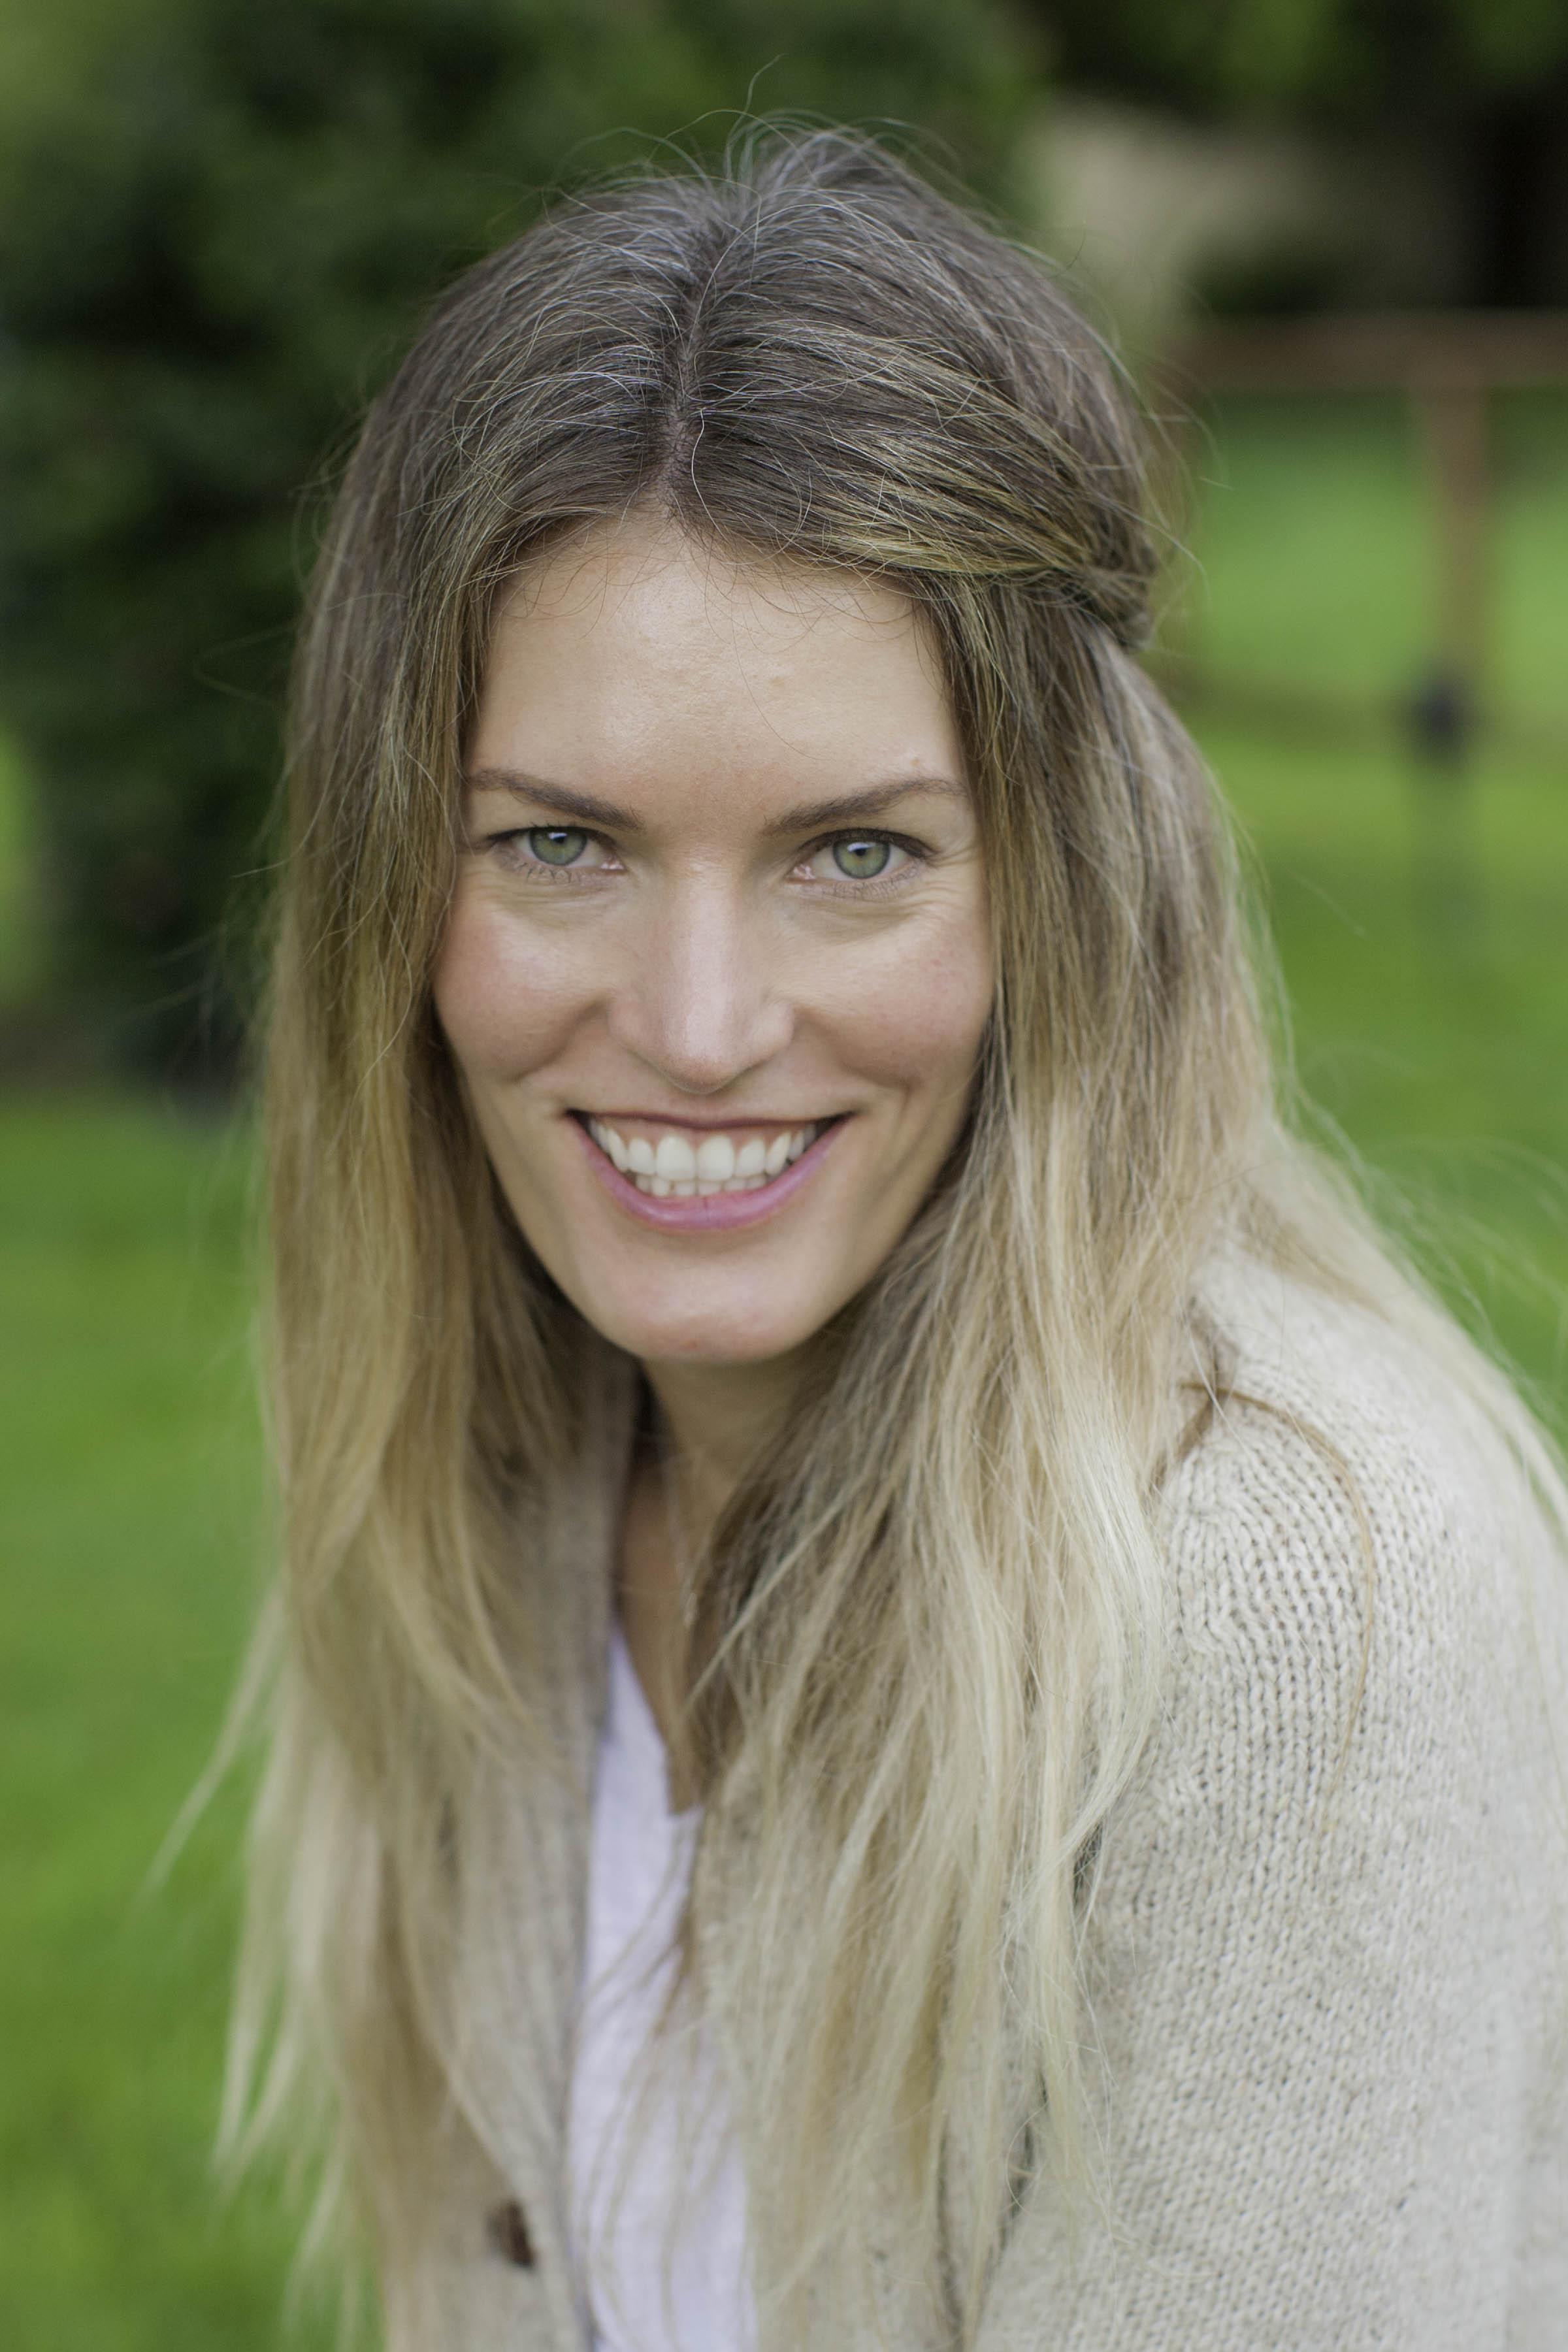 Jessie Englehardt